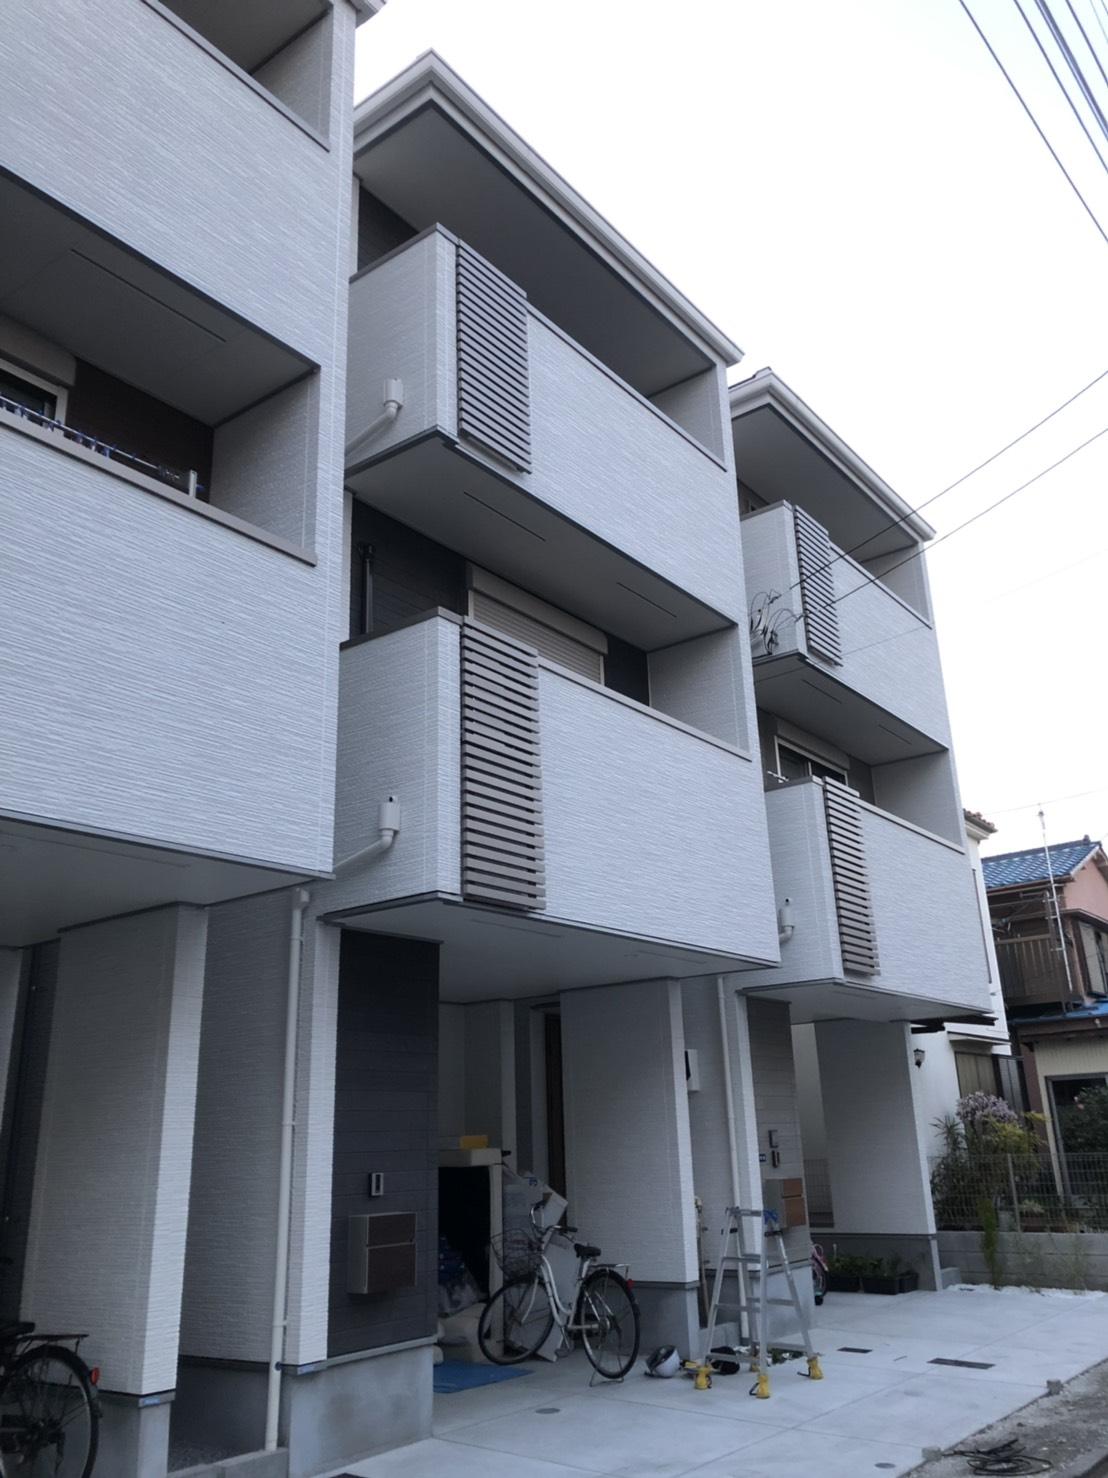 中央の建物が、今回テレビアンテナ工事に伺った3階建ての戸建物件です。